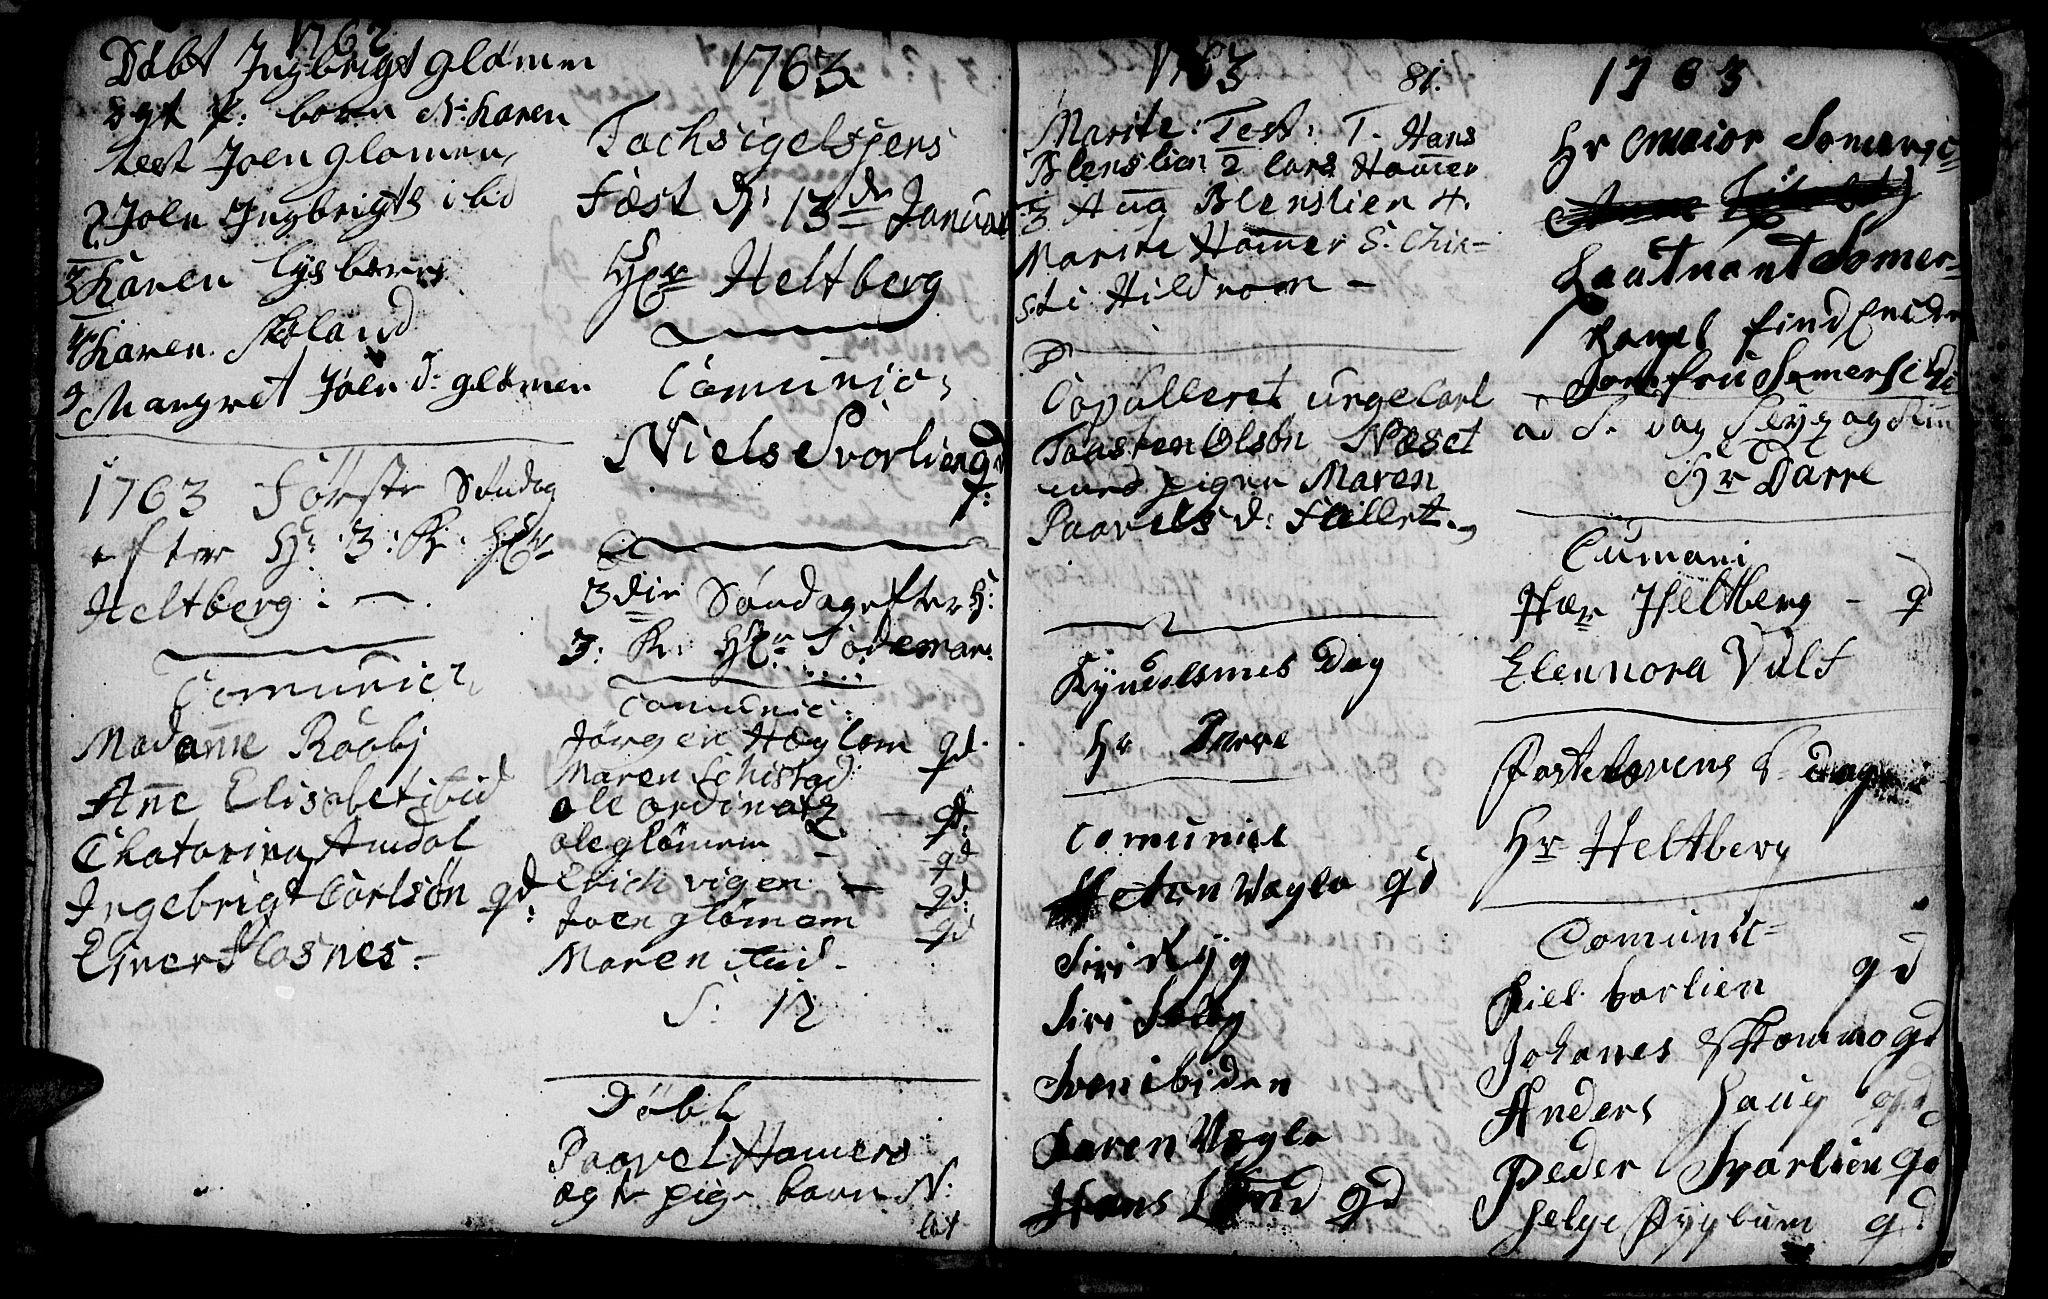 SAT, Ministerialprotokoller, klokkerbøker og fødselsregistre - Nord-Trøndelag, 764/L0543: Ministerialbok nr. 764A03, 1758-1765, s. 81